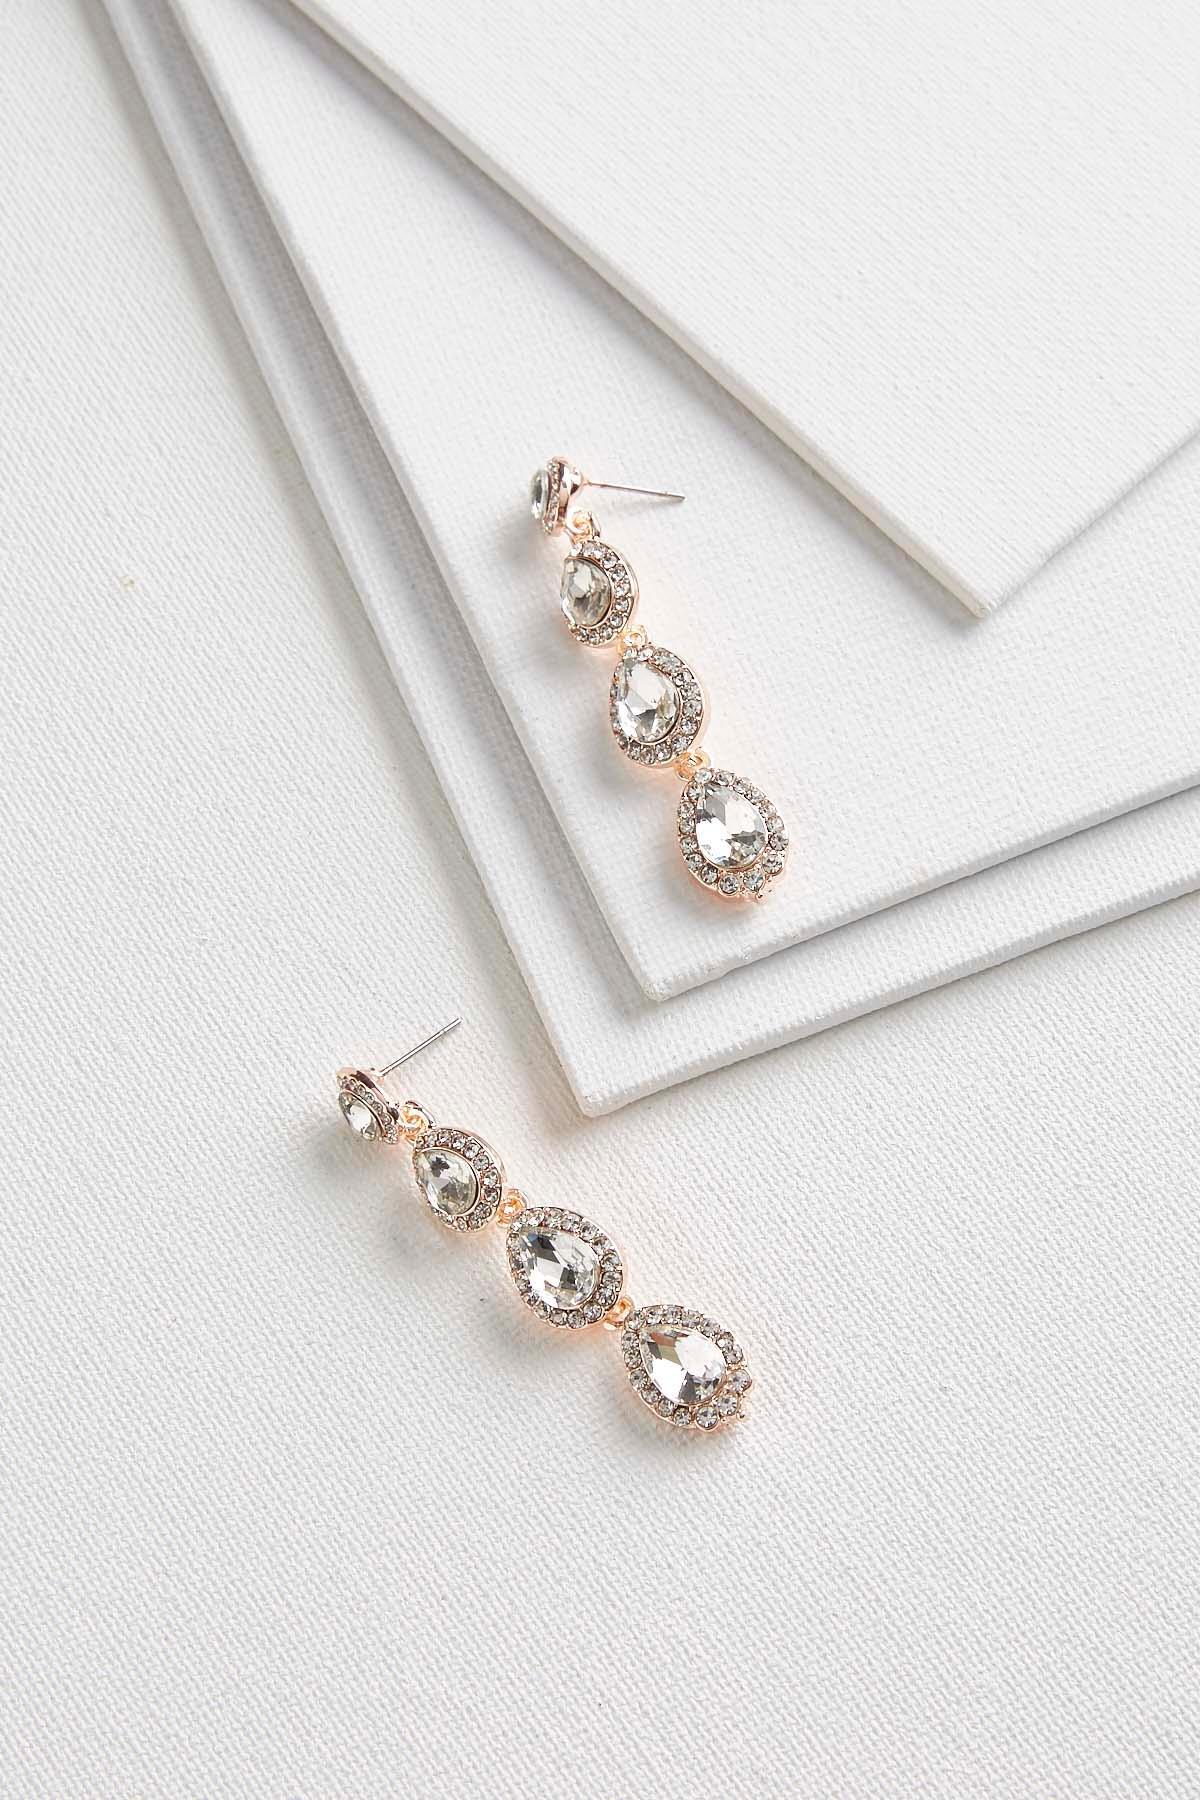 Linear Tear Shaped Stone Earrings